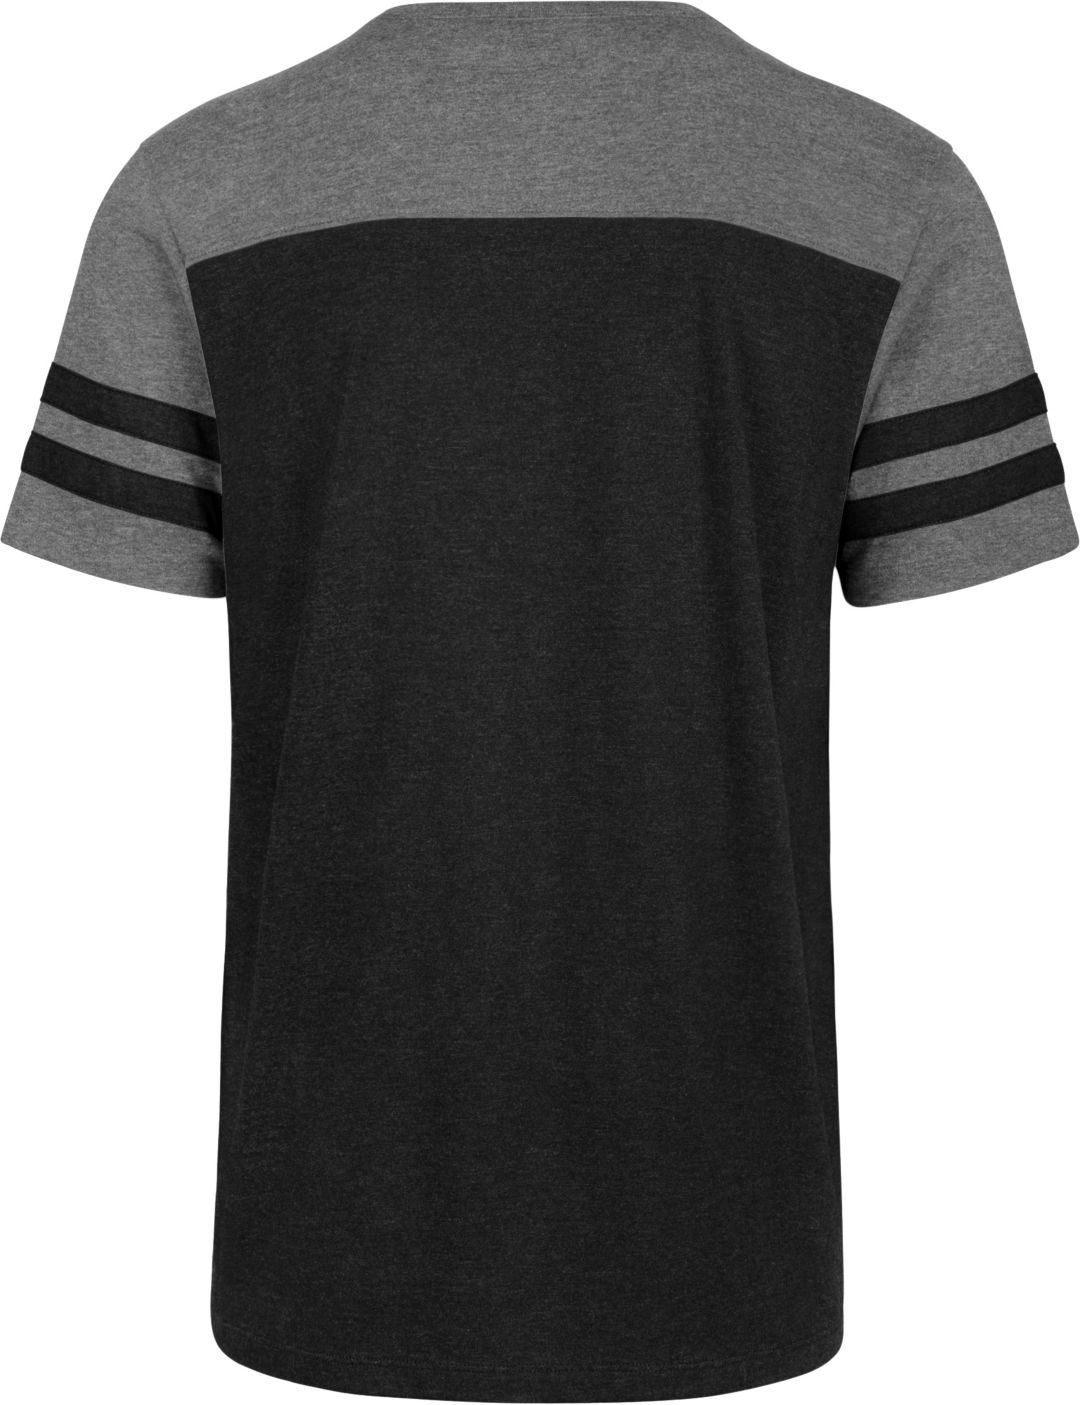 Orleans Grey Versus T-shirt Saints '47 New Club Men's